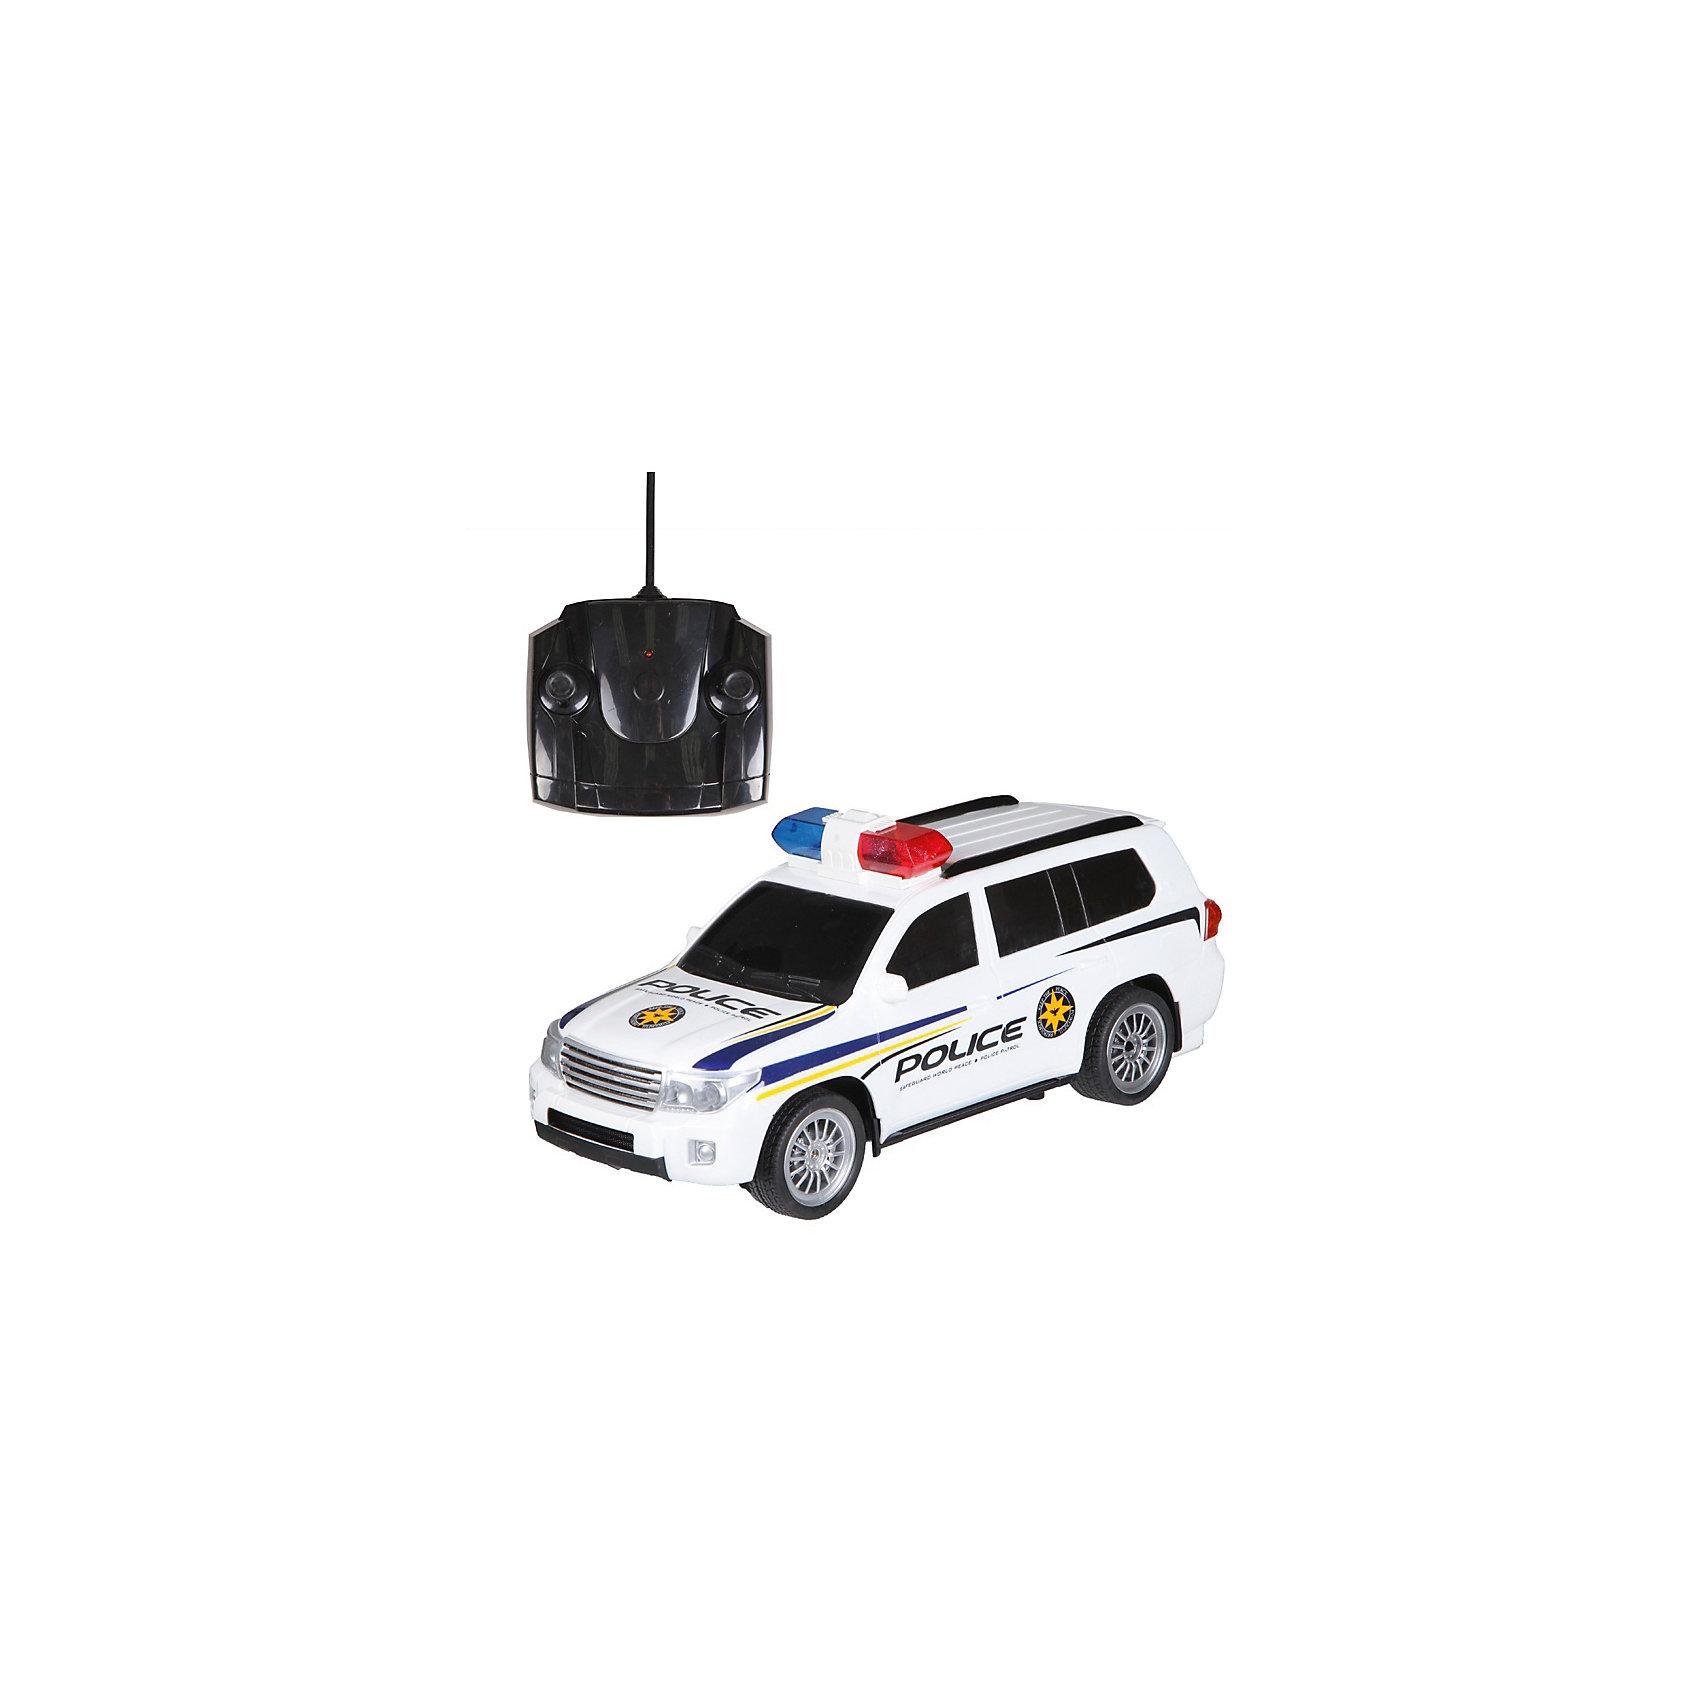 Радиоуправляемая машинка Yako Toys Полицеский джипРадиоуправляемые машины<br>Питание: 4*АА, 2*АА - в пульт. Движение во все стороны, свет.<br><br>Ширина мм: 440<br>Глубина мм: 180<br>Высота мм: 170<br>Вес г: 1170<br>Возраст от месяцев: 36<br>Возраст до месяцев: 72<br>Пол: Мужской<br>Возраст: Детский<br>SKU: 7172276